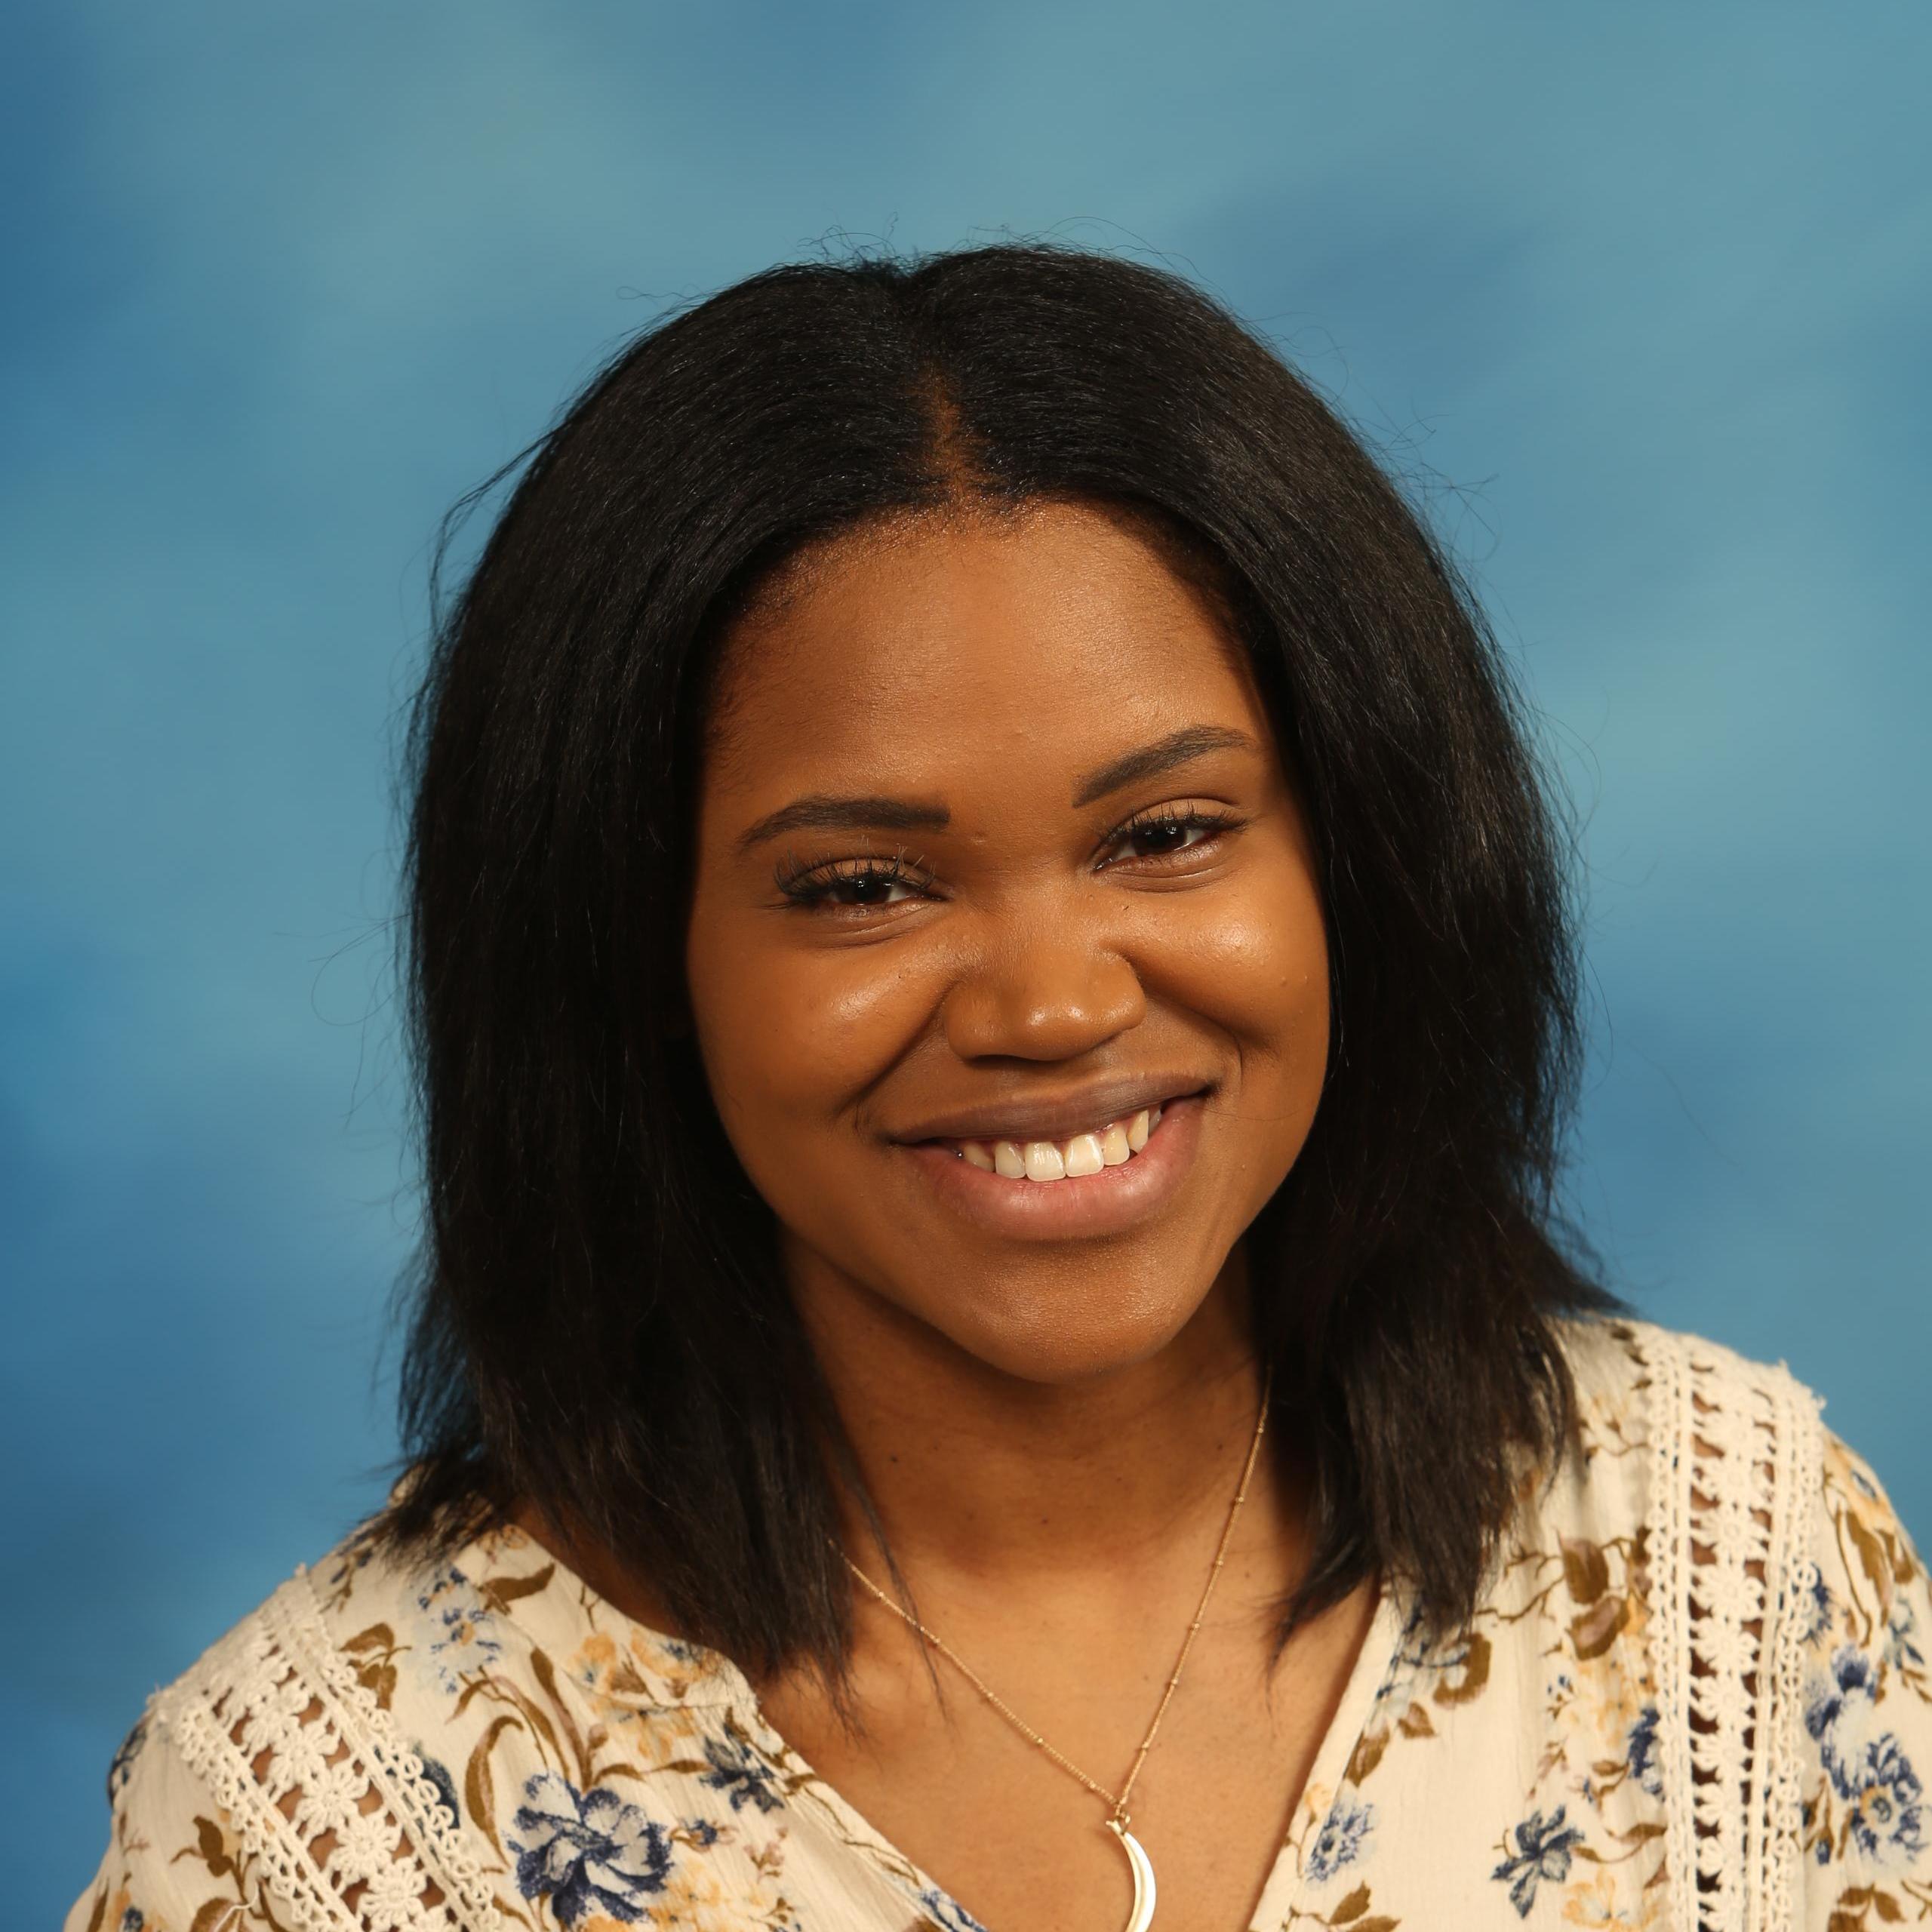 Cierra Williams's Profile Photo